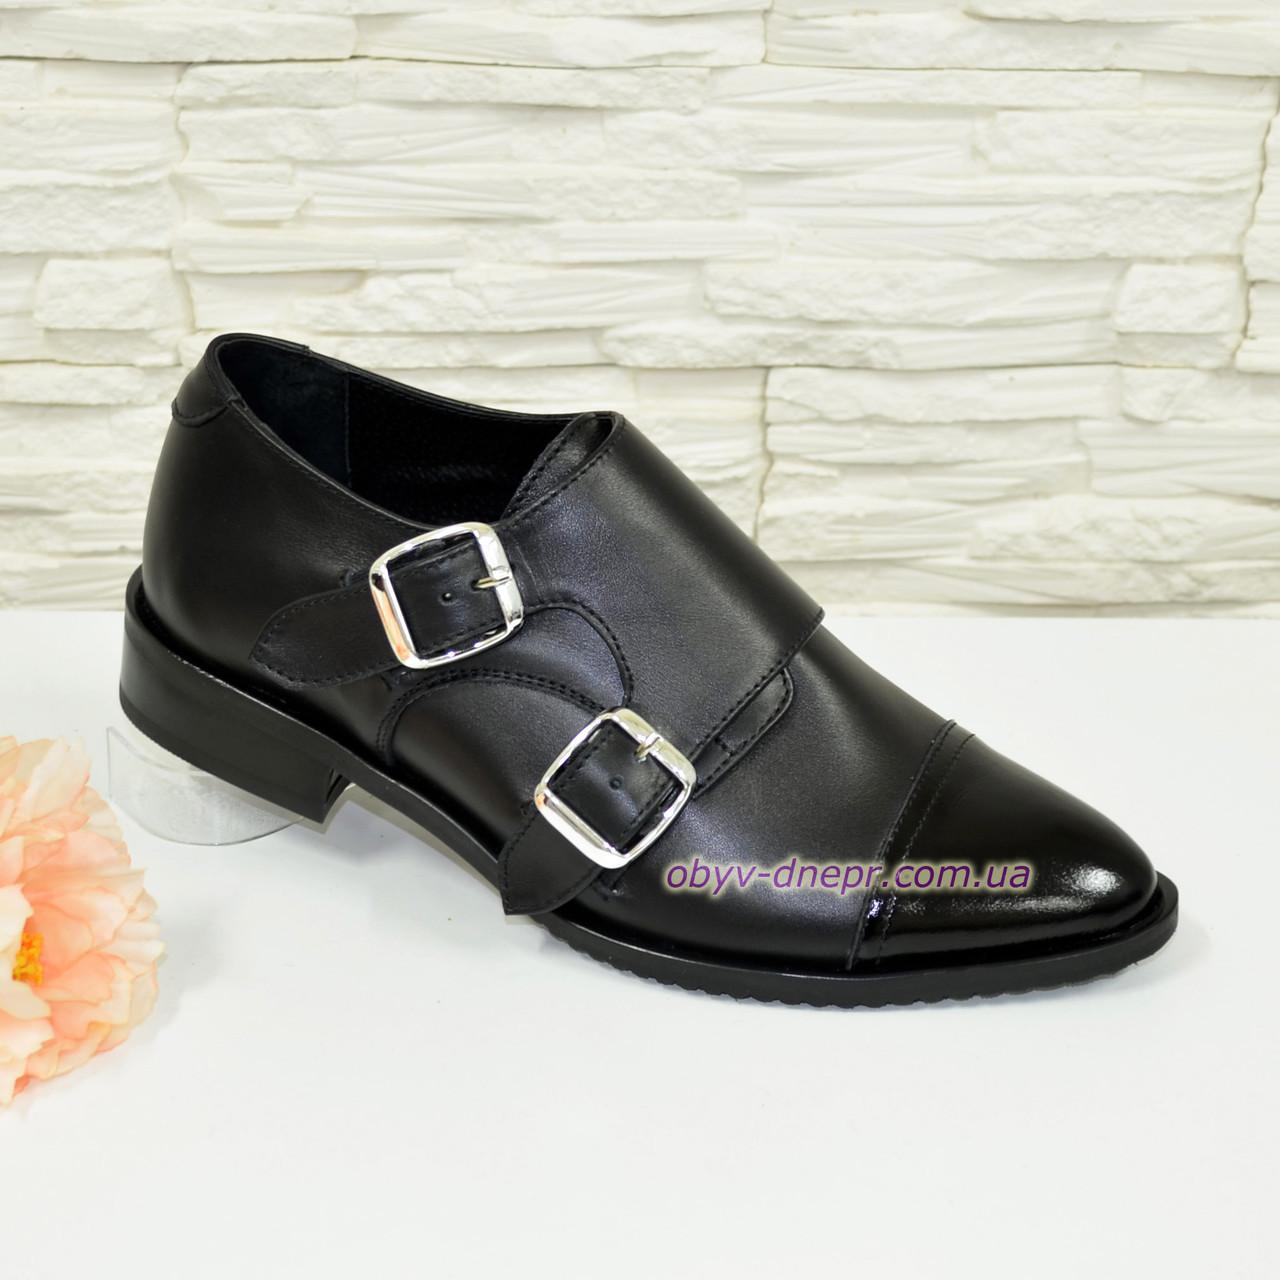 Женские черные туфли, натуральная кожа и лак.